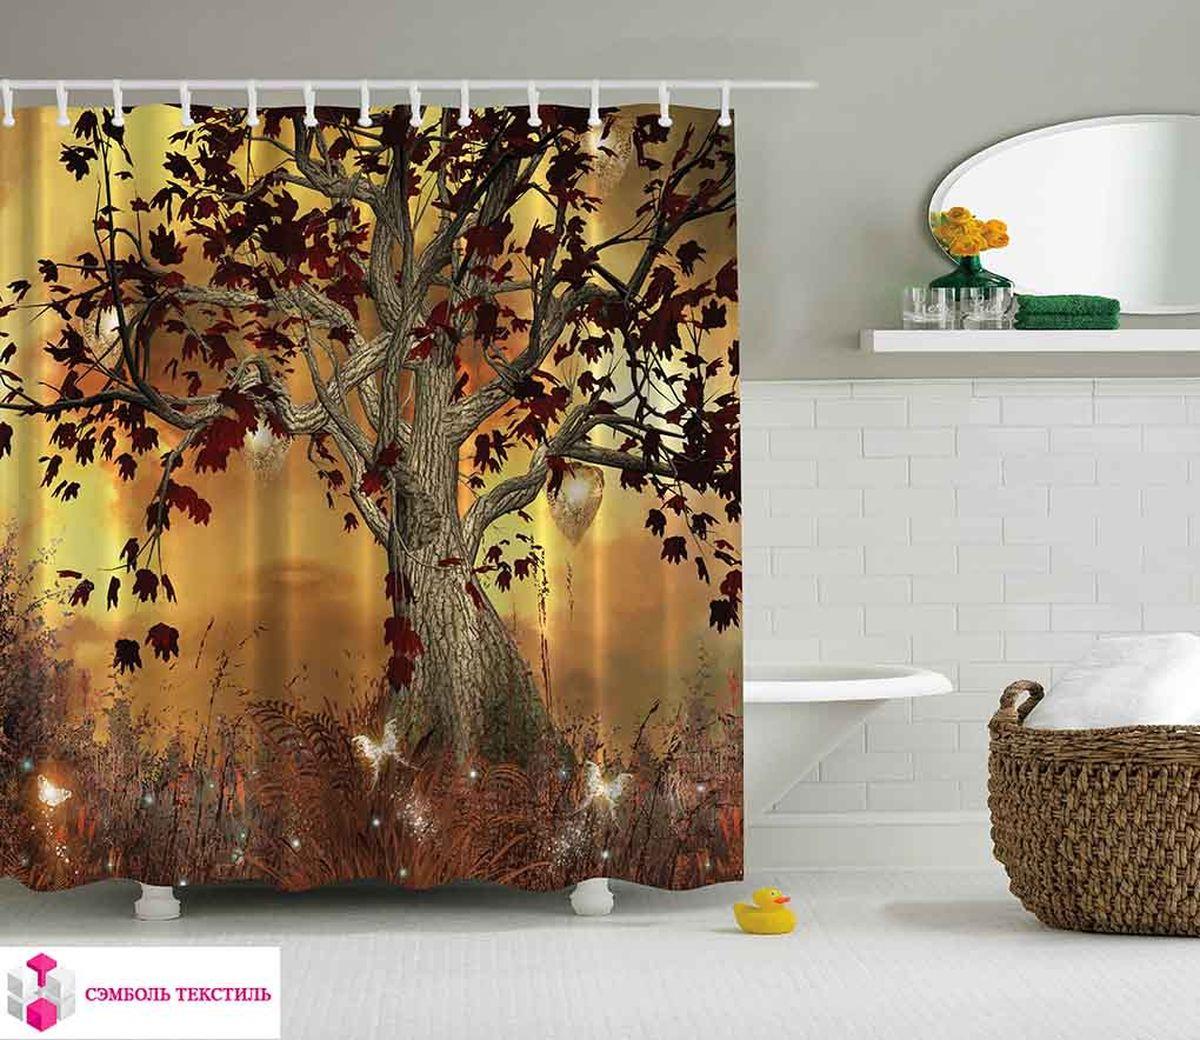 Штора для ванной комнаты Magic Lady Дерево в волшебном лесу, цвет: коричневый, оранжевый, 180 х 200 см цена